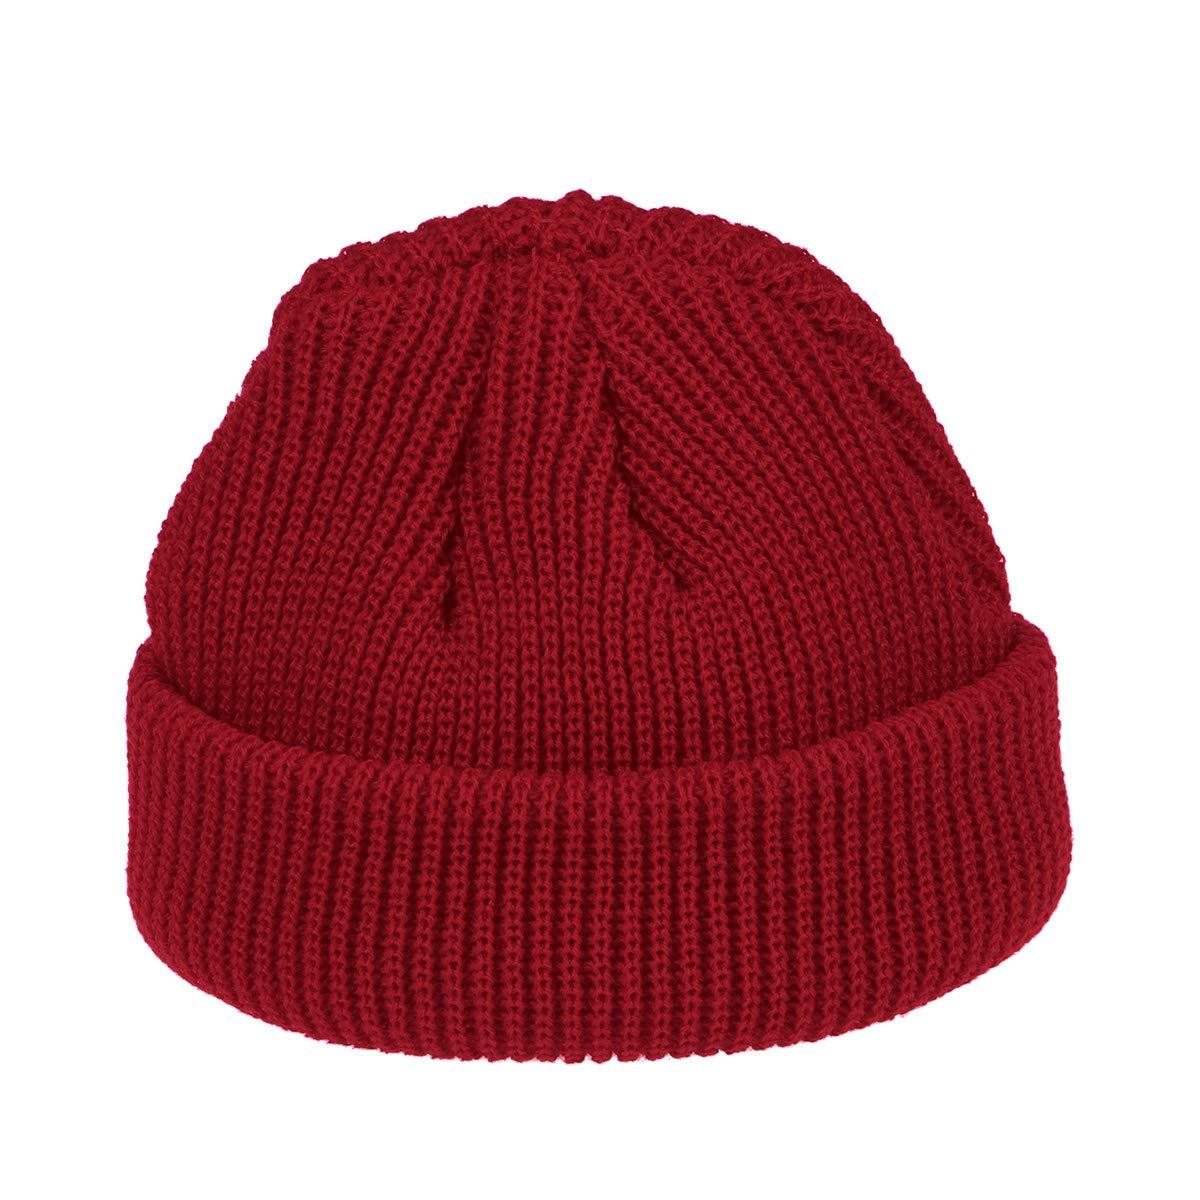 LIOOBO Cappello Berretto Invernale da Uomo Cappello Invernale Berretto Caldo da Donna (Rosso)